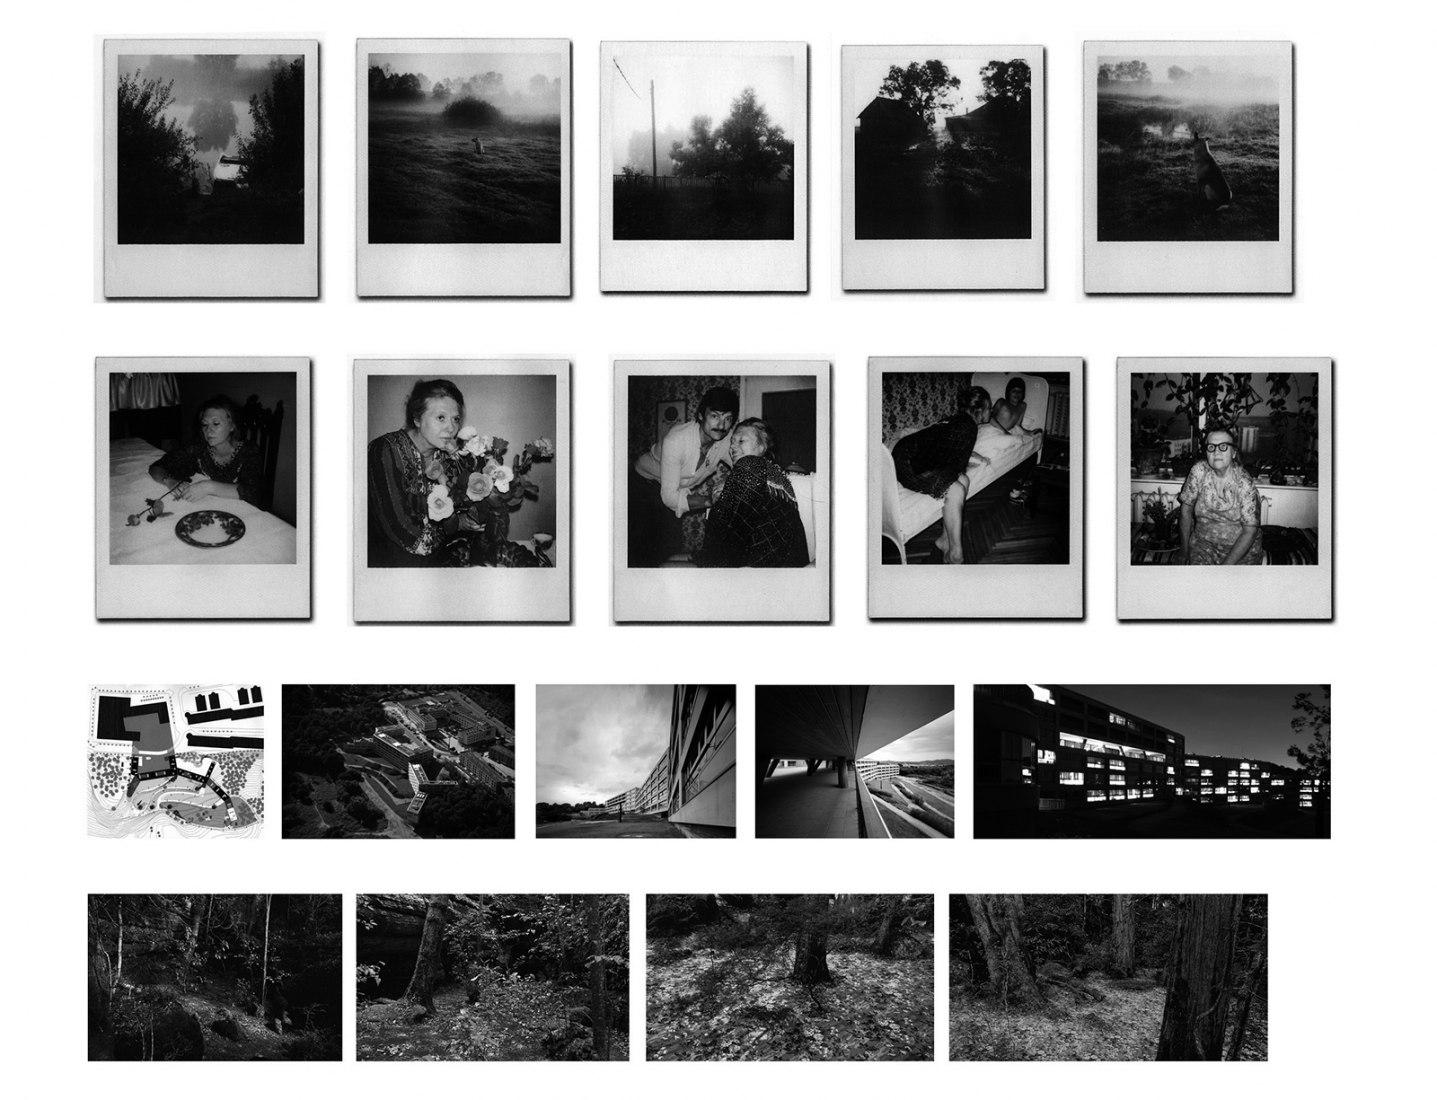 Parte 2. Montaje de las imágenes: Enric Llorach.